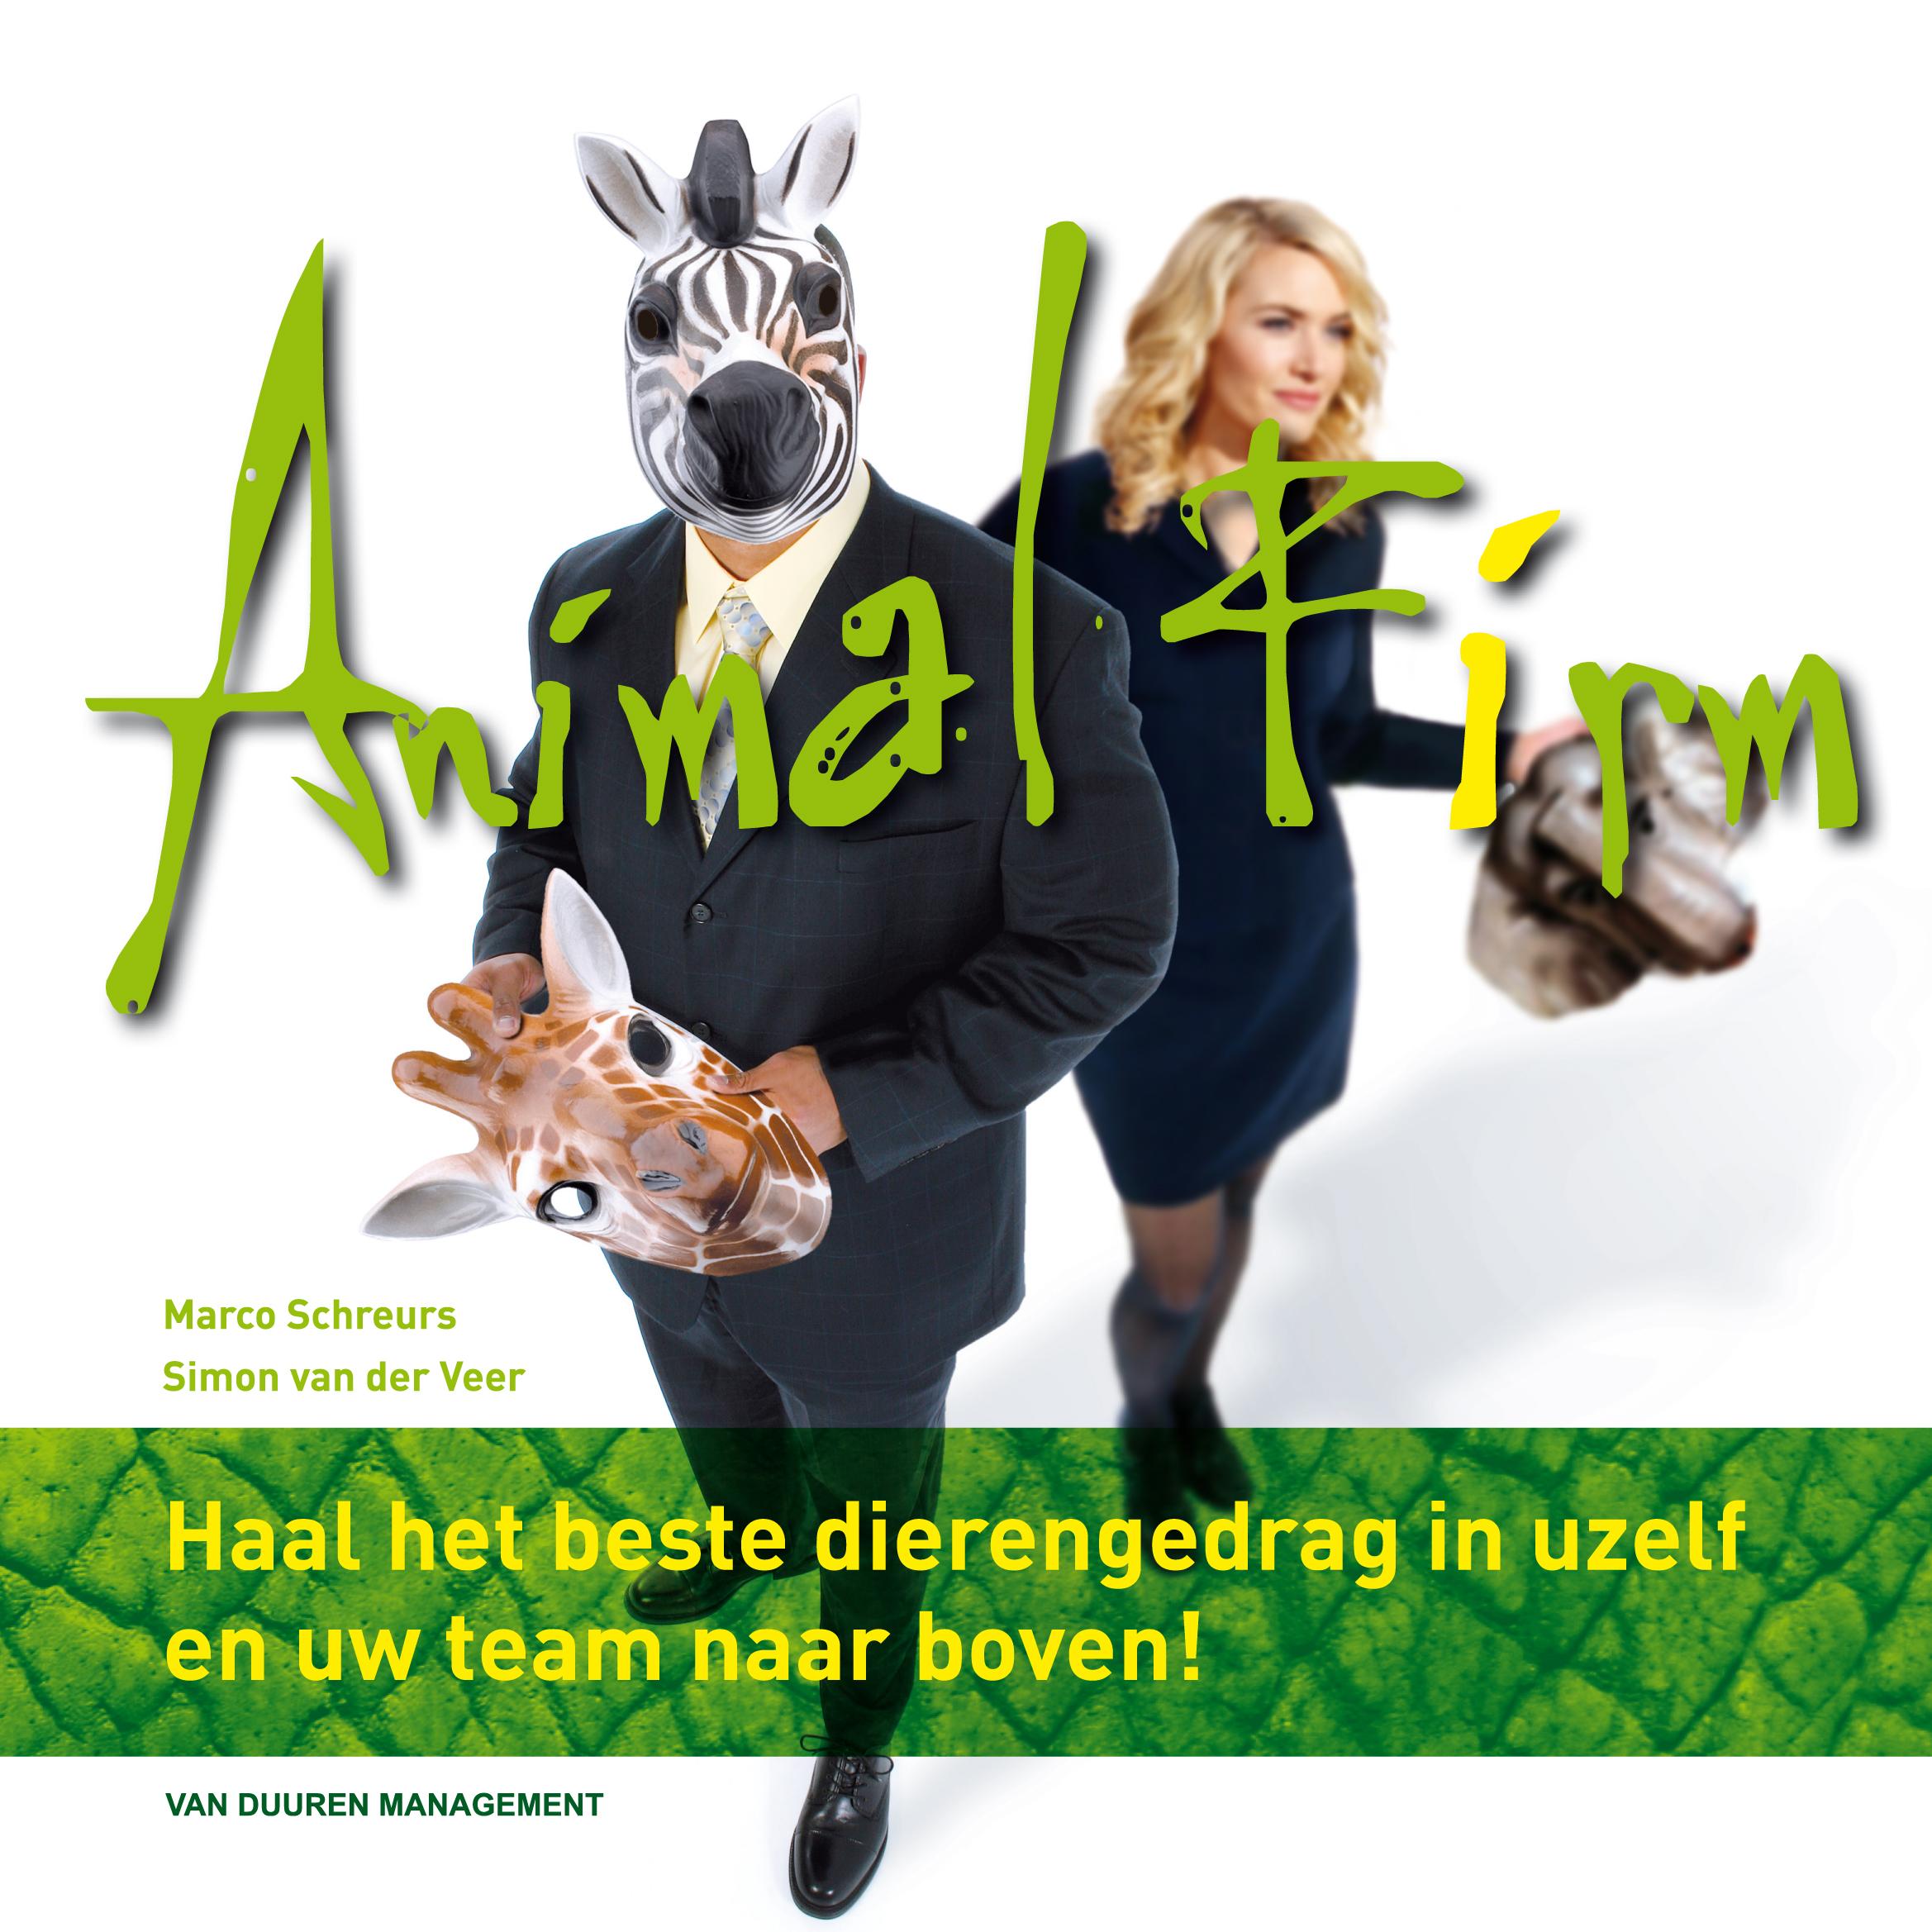 Animal Firm - Haal het beste dierengedrag in uzelf en uw team naar boven!